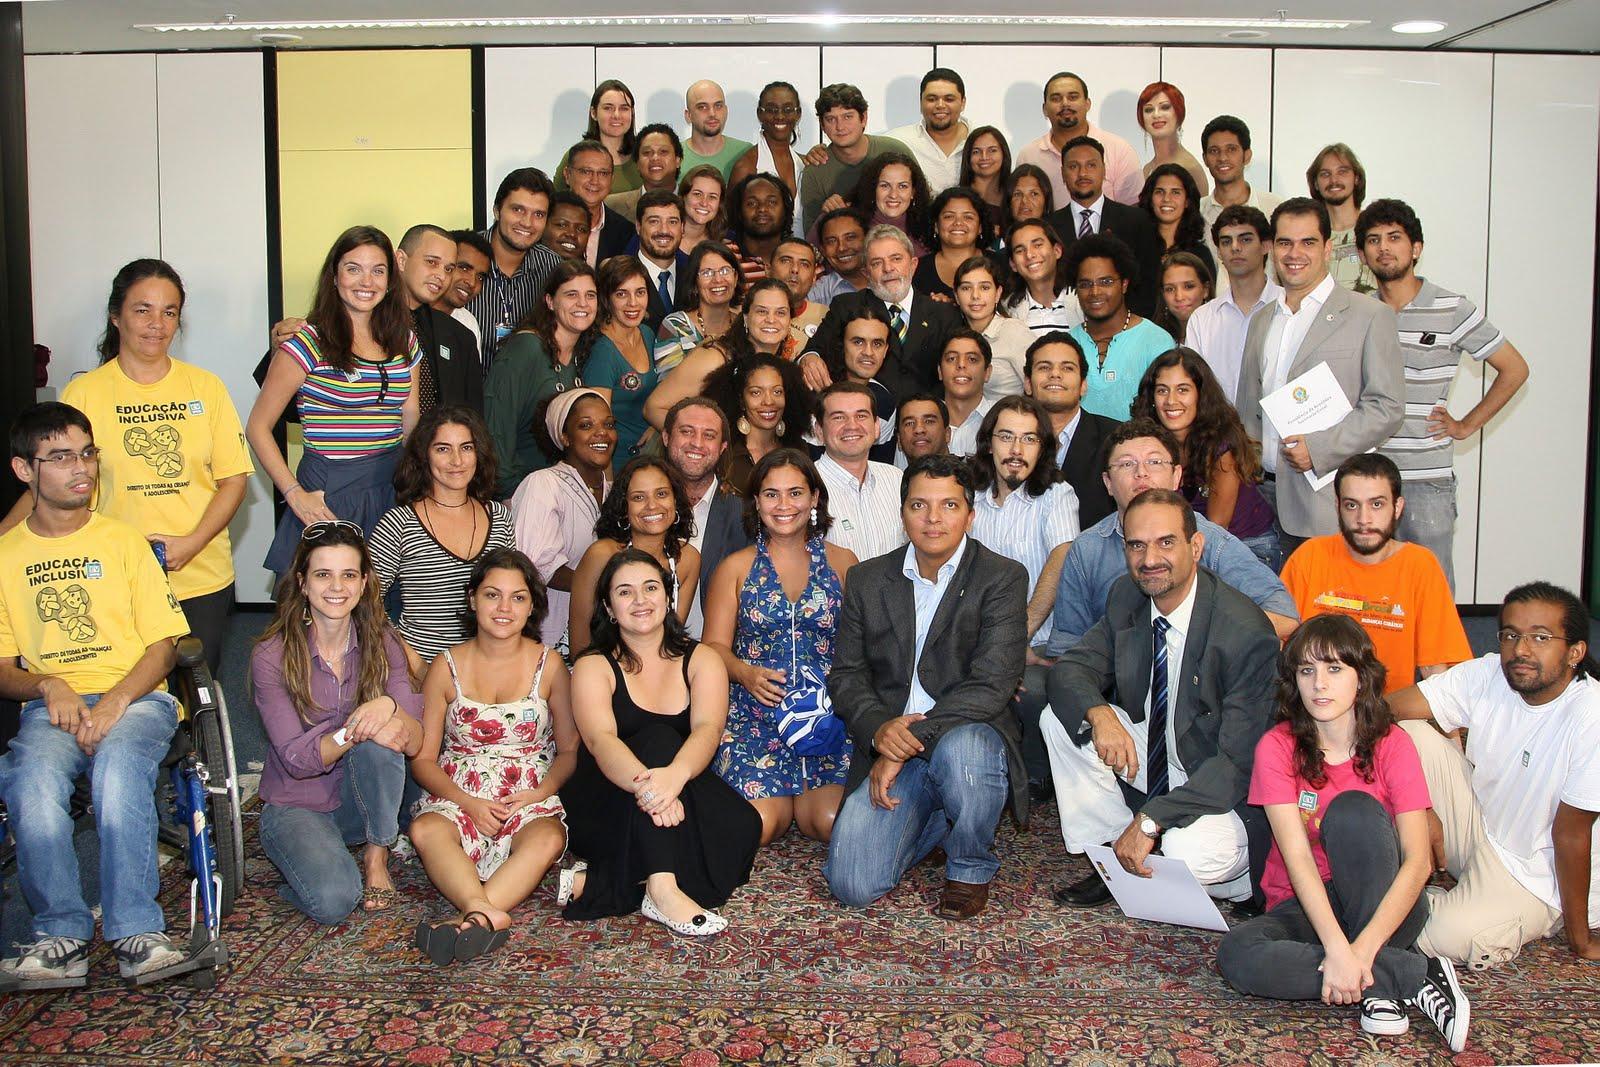 Conjuve elege membros da sociedade civil da gestão 2012/2013